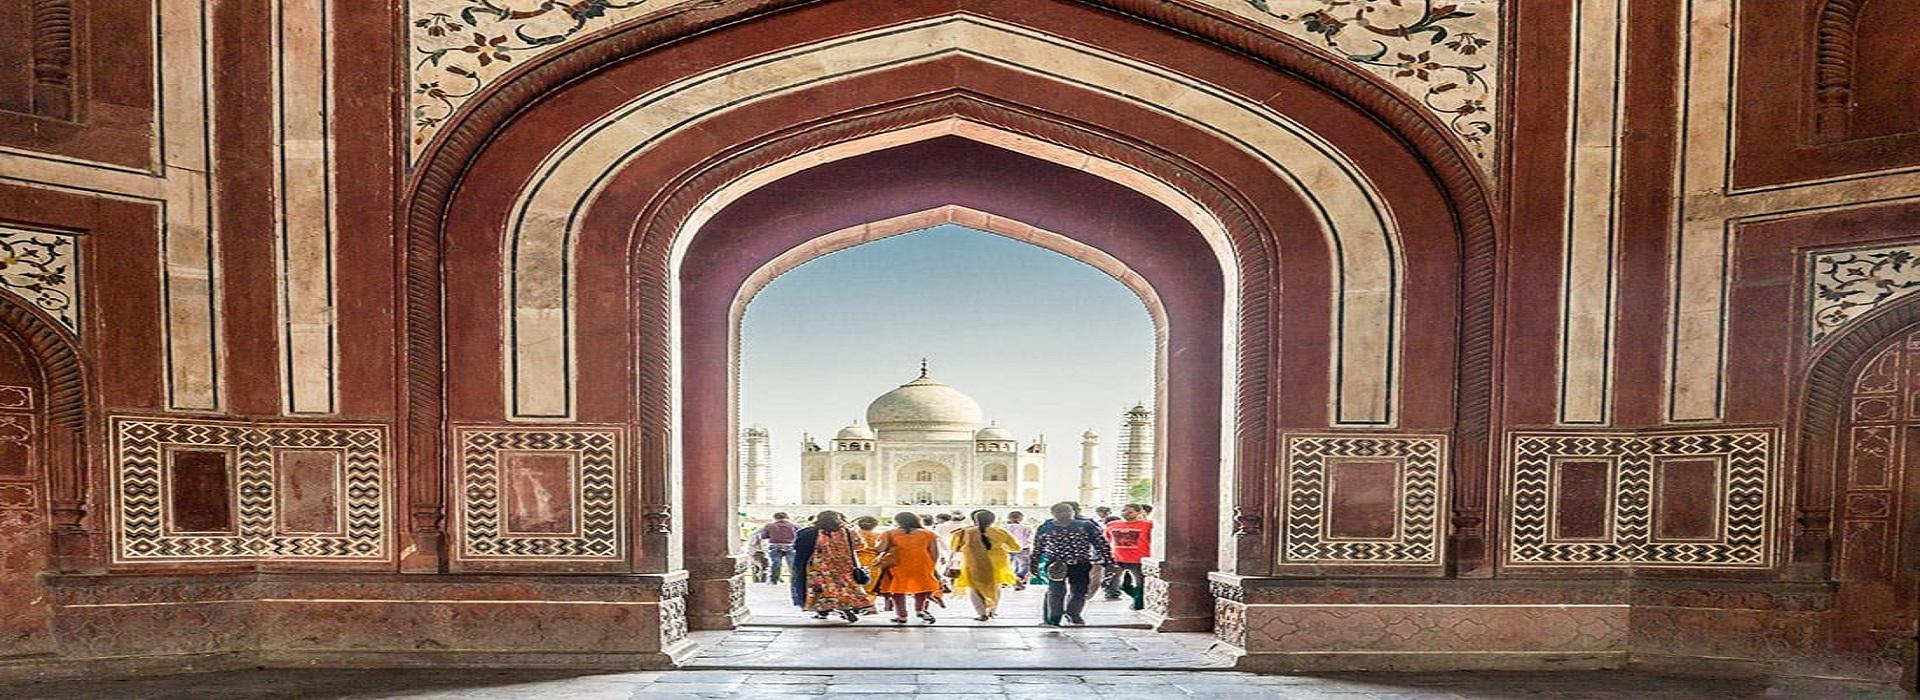 Taj Mahal Timings and Updates